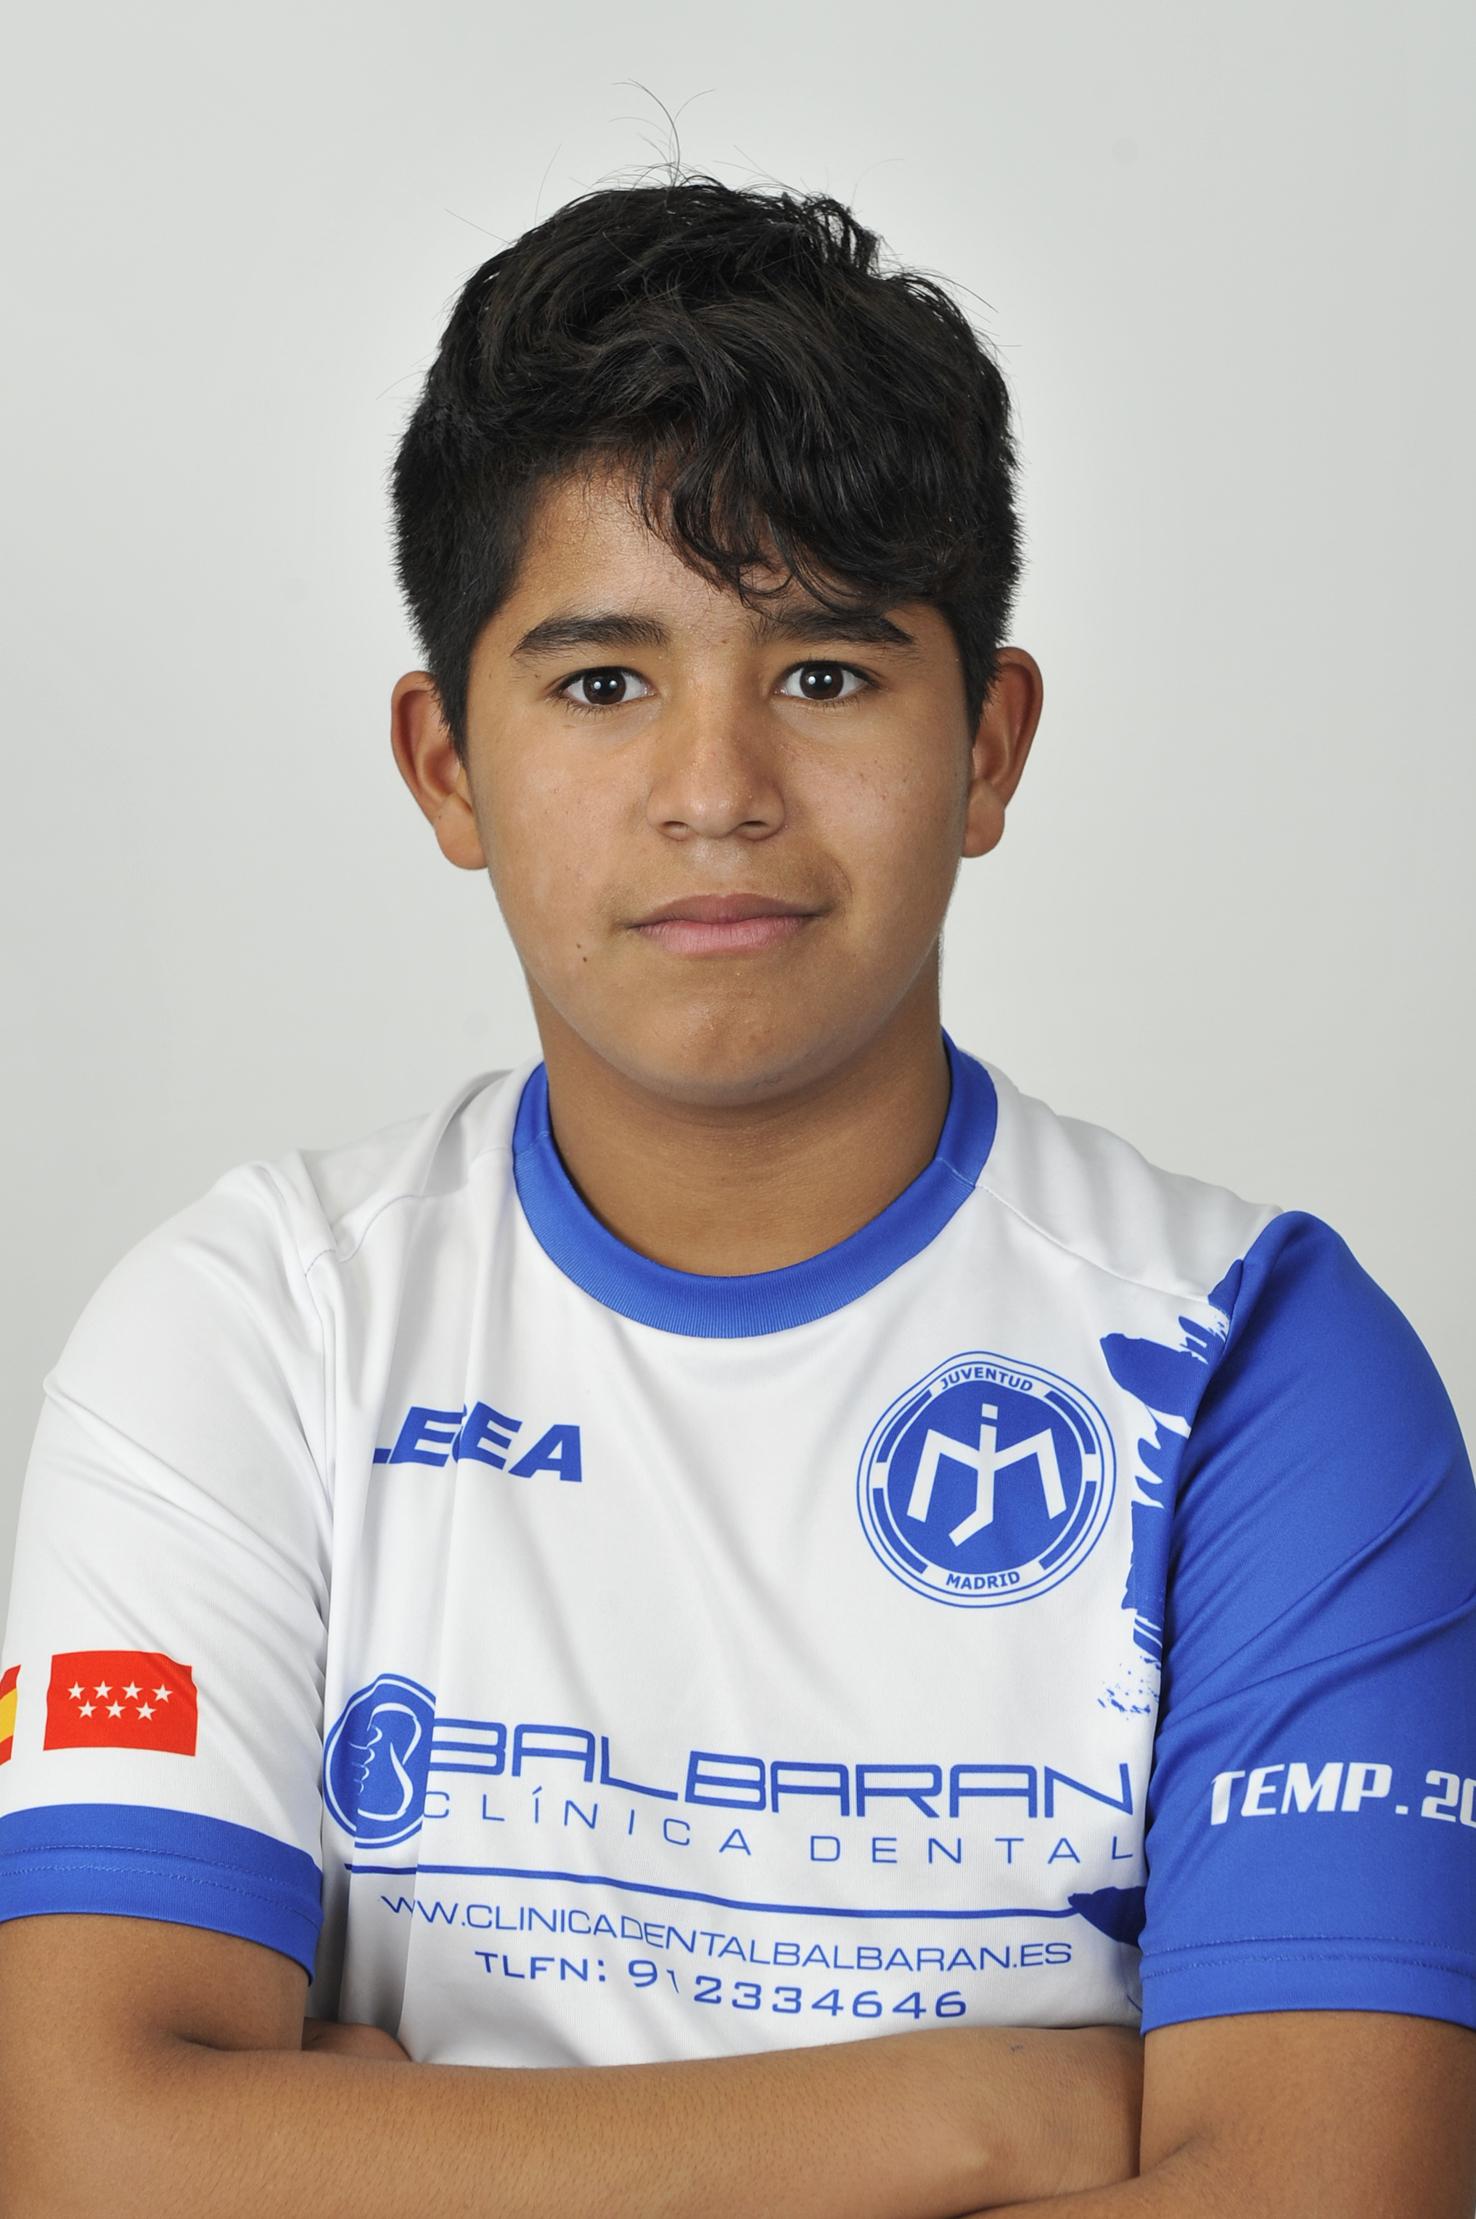 KEVIN FERNANDEZ